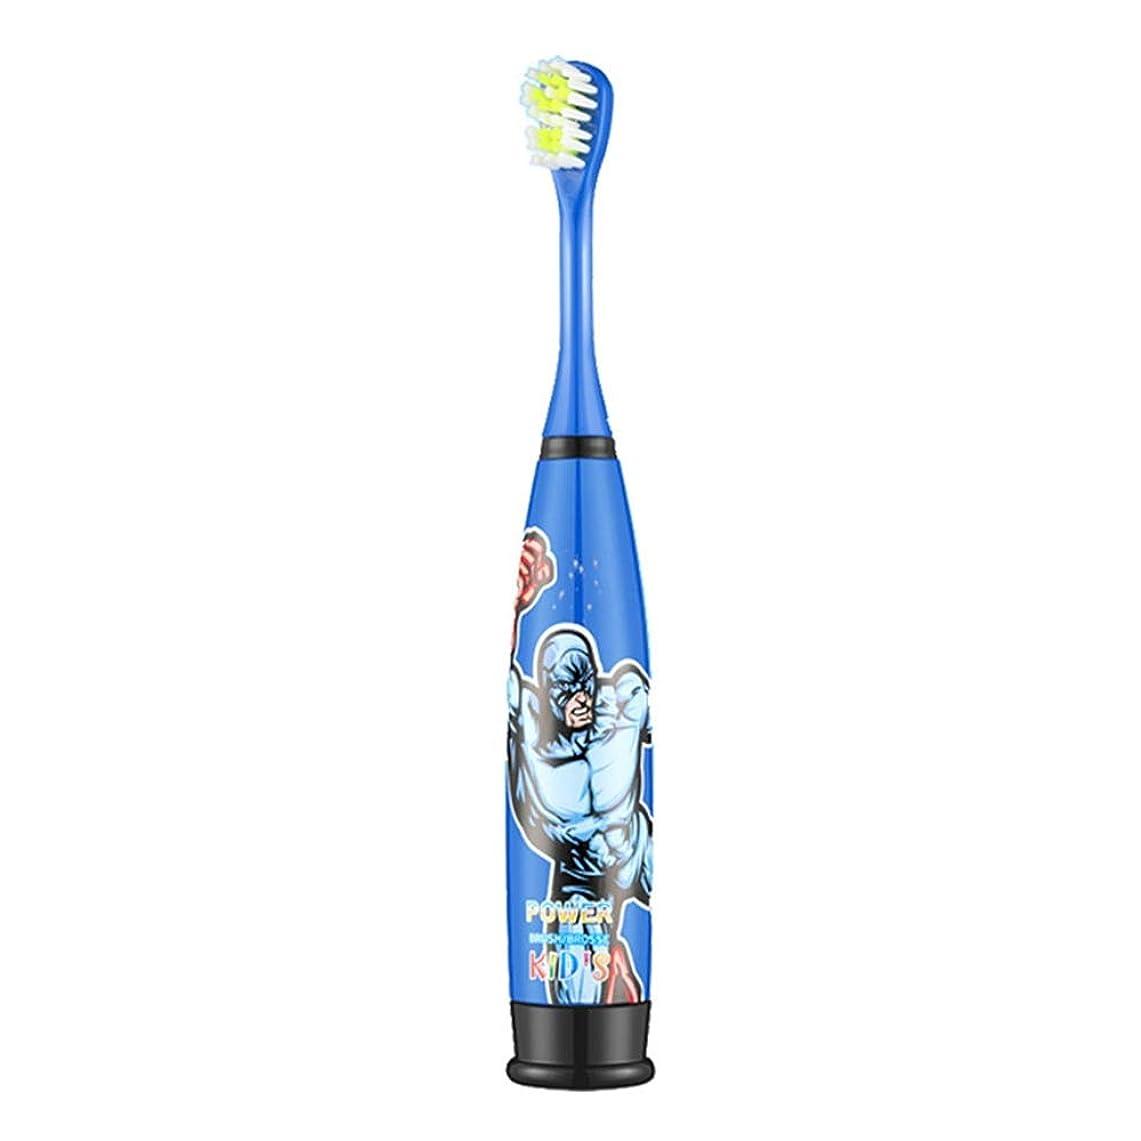 ループ自伝耐えられない電動歯ブラシ 子供用電動歯ブラシ防水やわらかいきれいな歯ブラシ単三電池1本(電池なし) 大人と子供向け (色 : 青, サイズ : Free size)